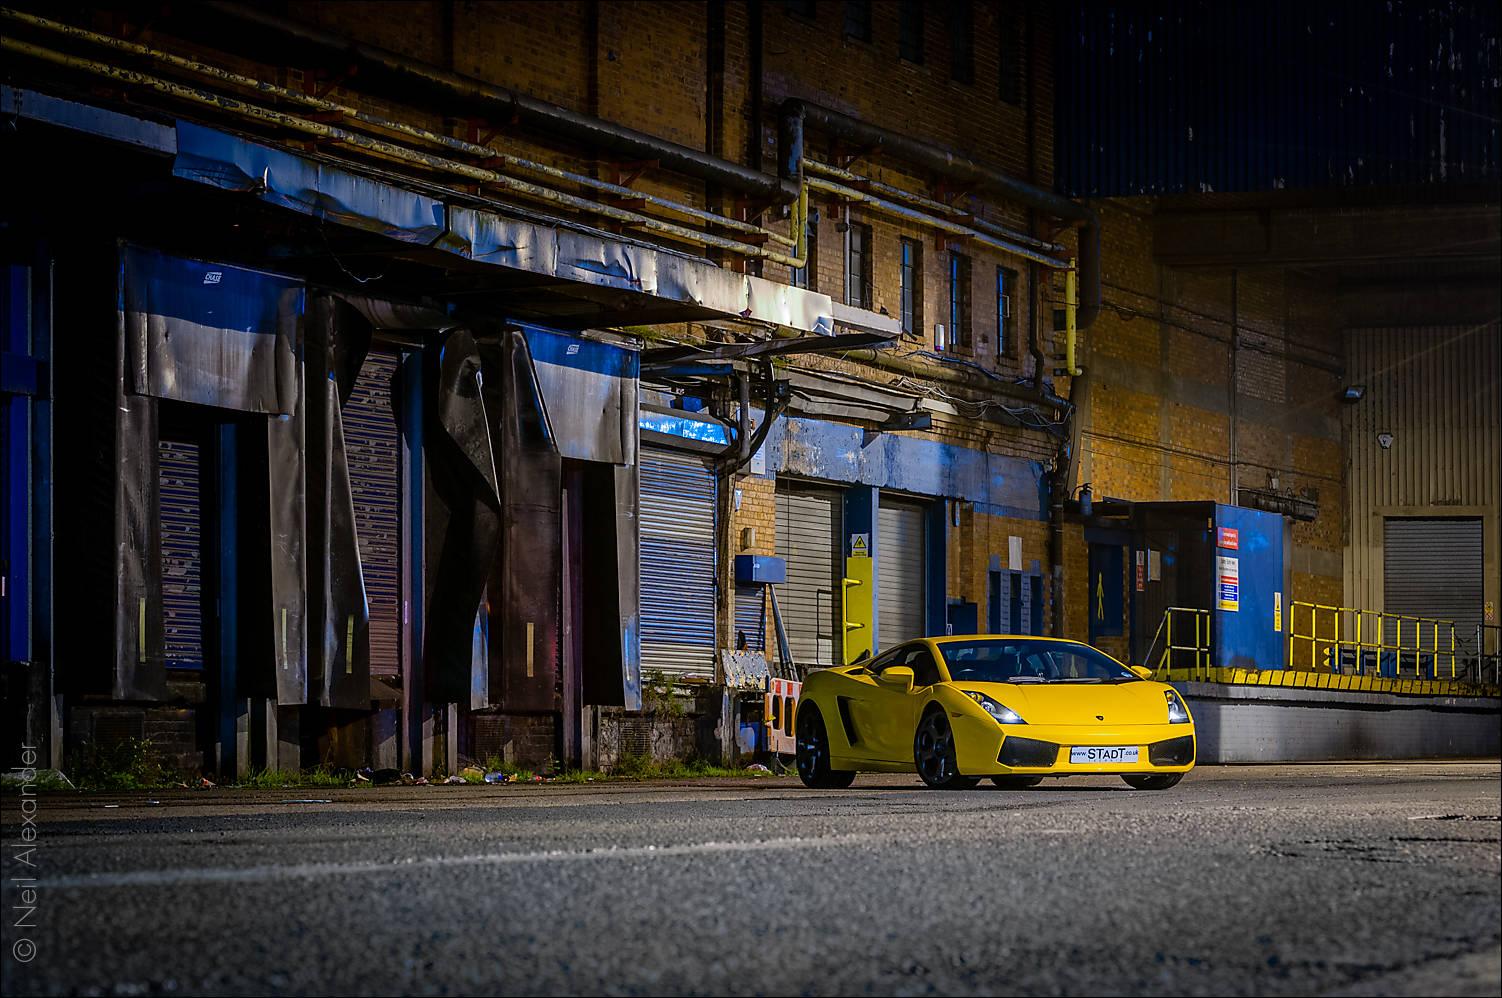 Gallardo in yellow